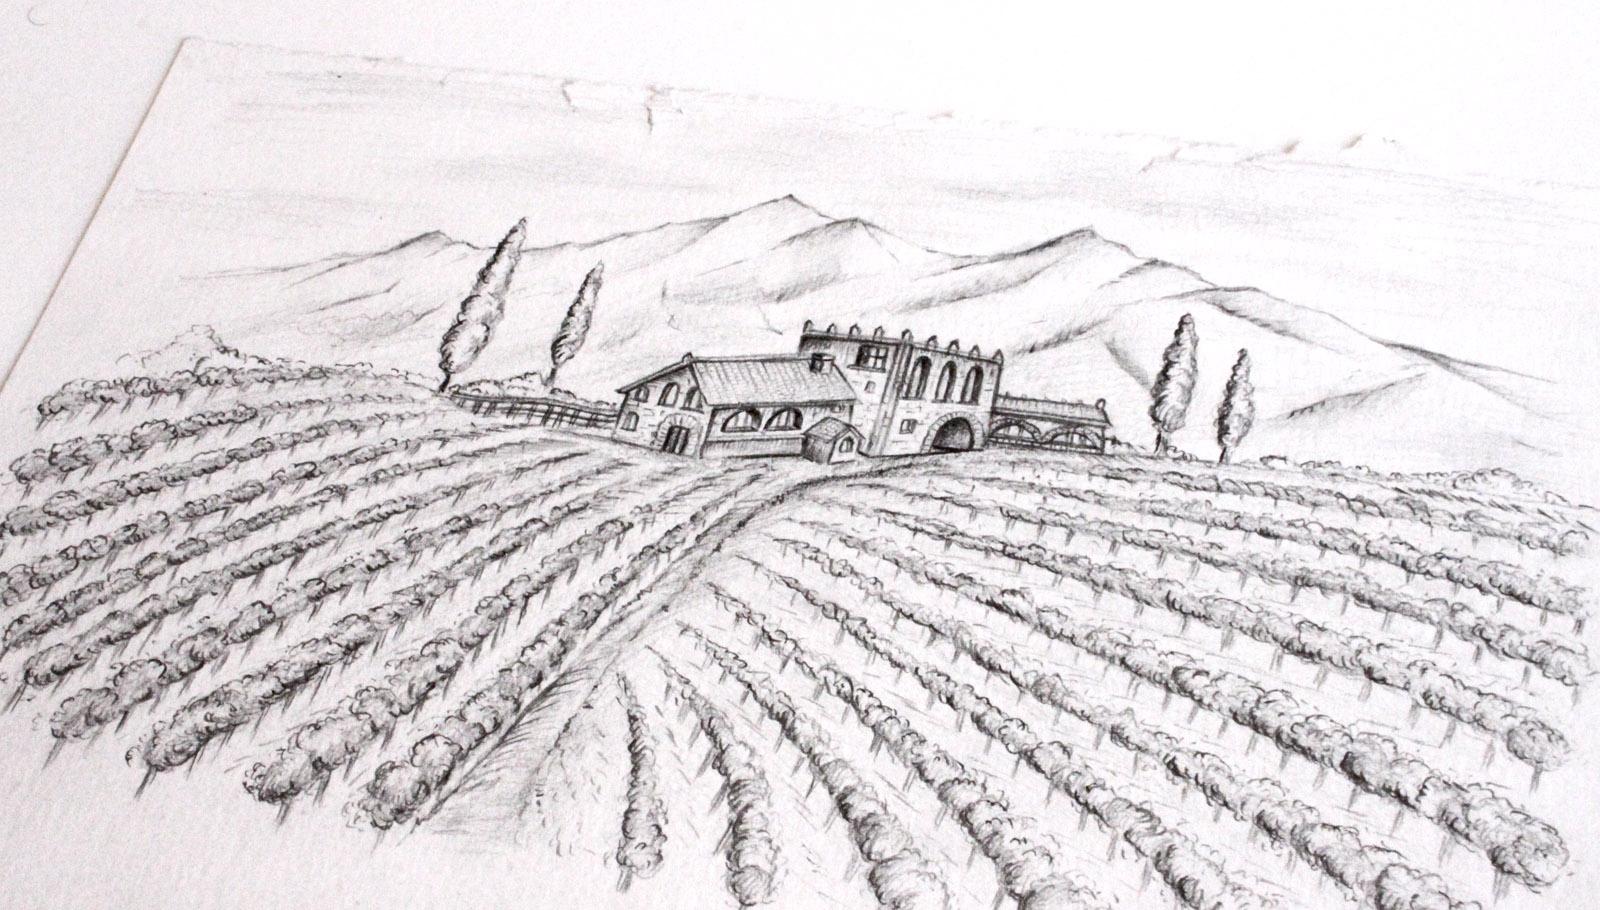 Ilustración a carboncillo viñedos y bodega de vinos